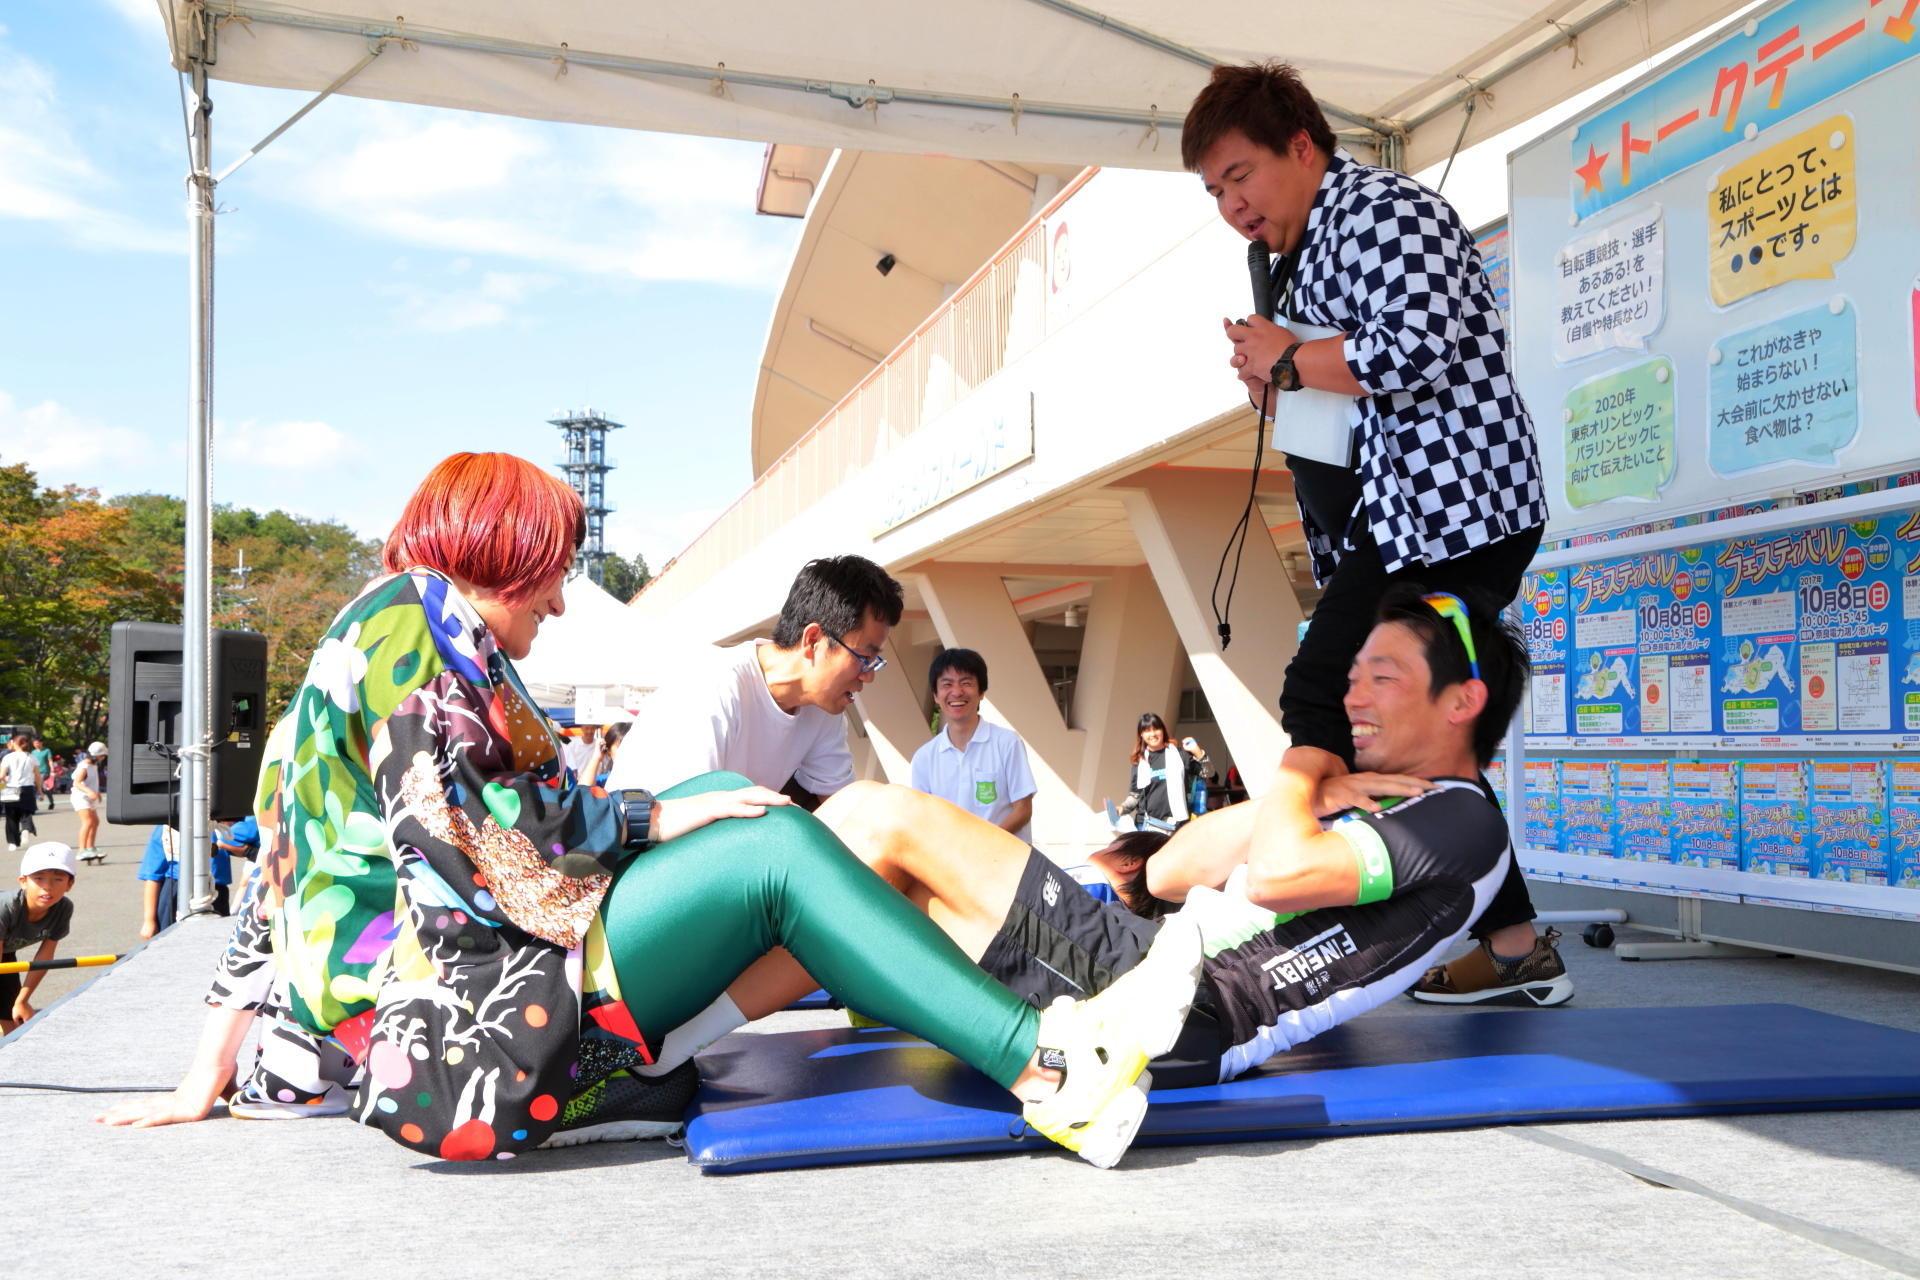 http://news.yoshimoto.co.jp/20171013012322-93f3d0a504f8ce5dd37aad16f1ed9e8f57c1fb5c.jpg